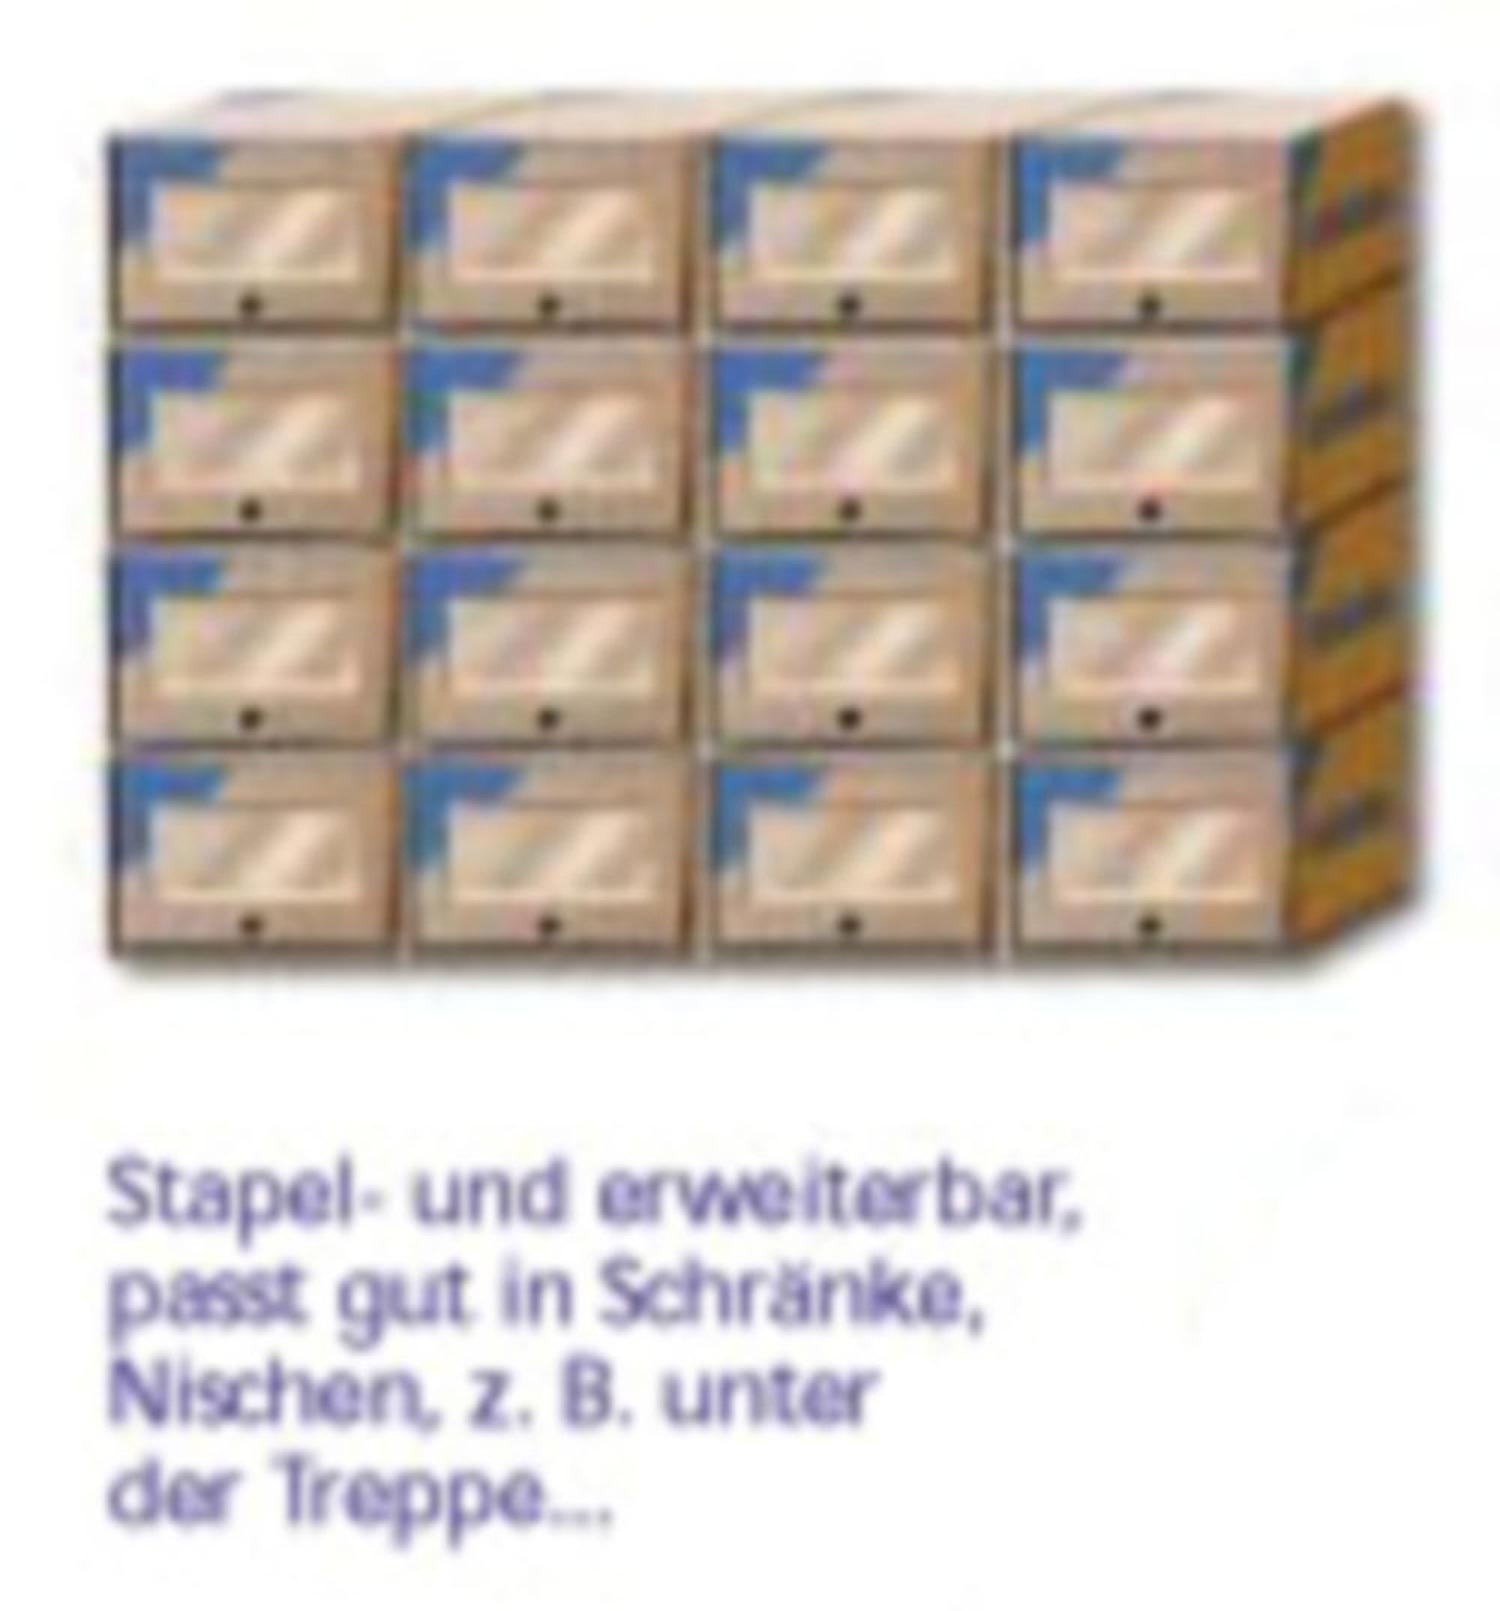 Schubladenbox 360x270x180mm, stapel- und erweiterbar, mit Sichtfenster